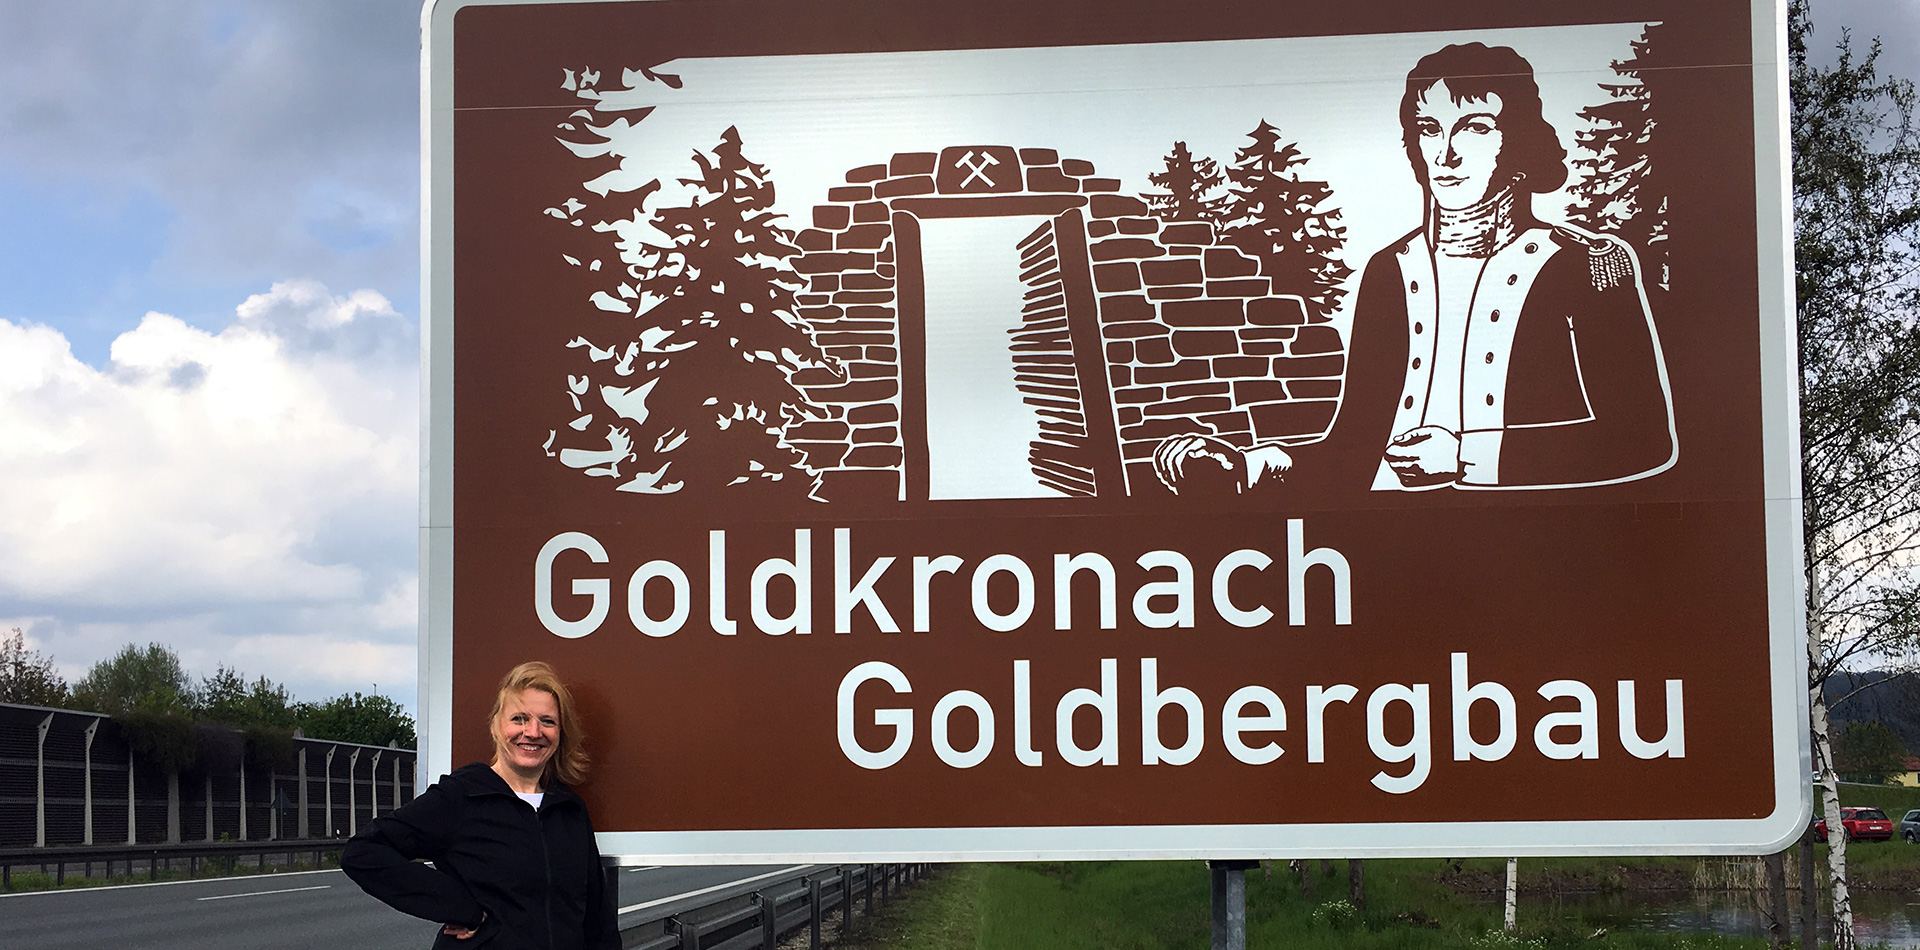 Autobahnschild Goldkronach